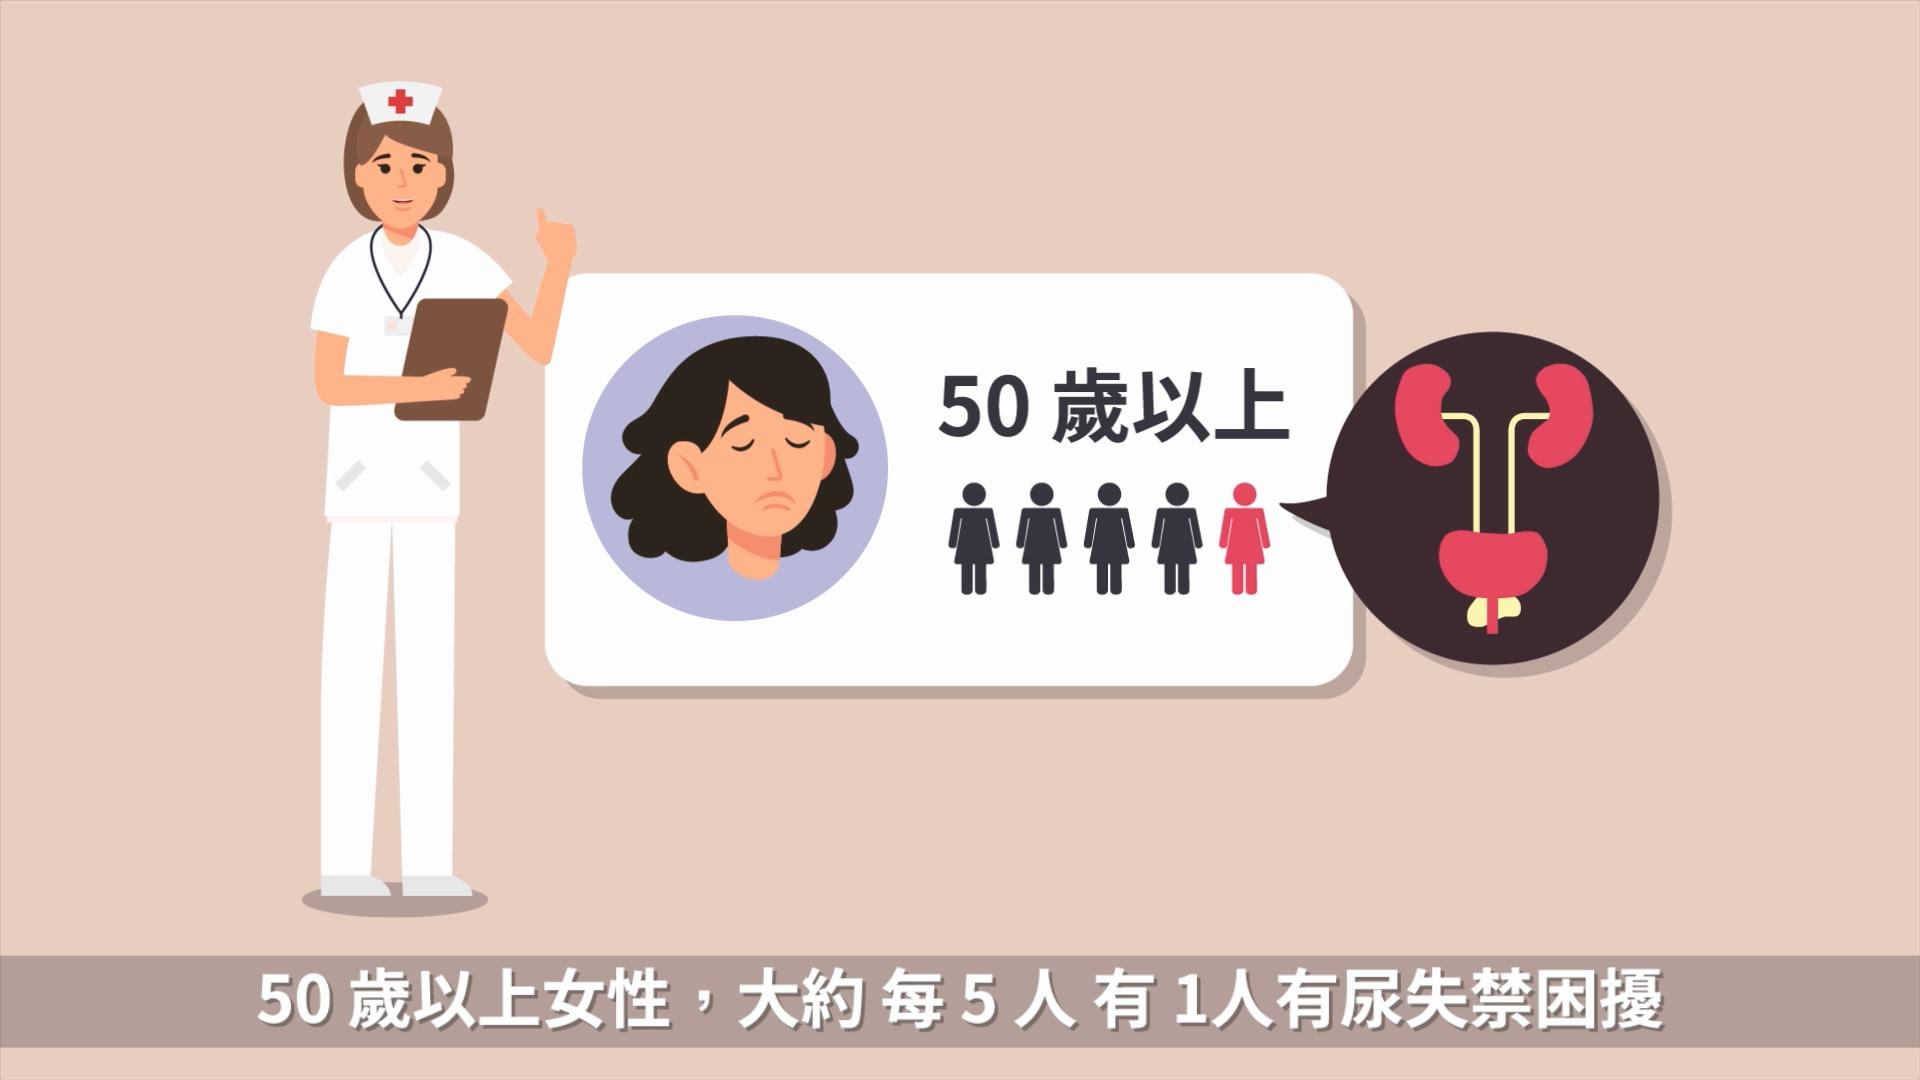 尿失禁防治症狀說明動畫篇(30秒)